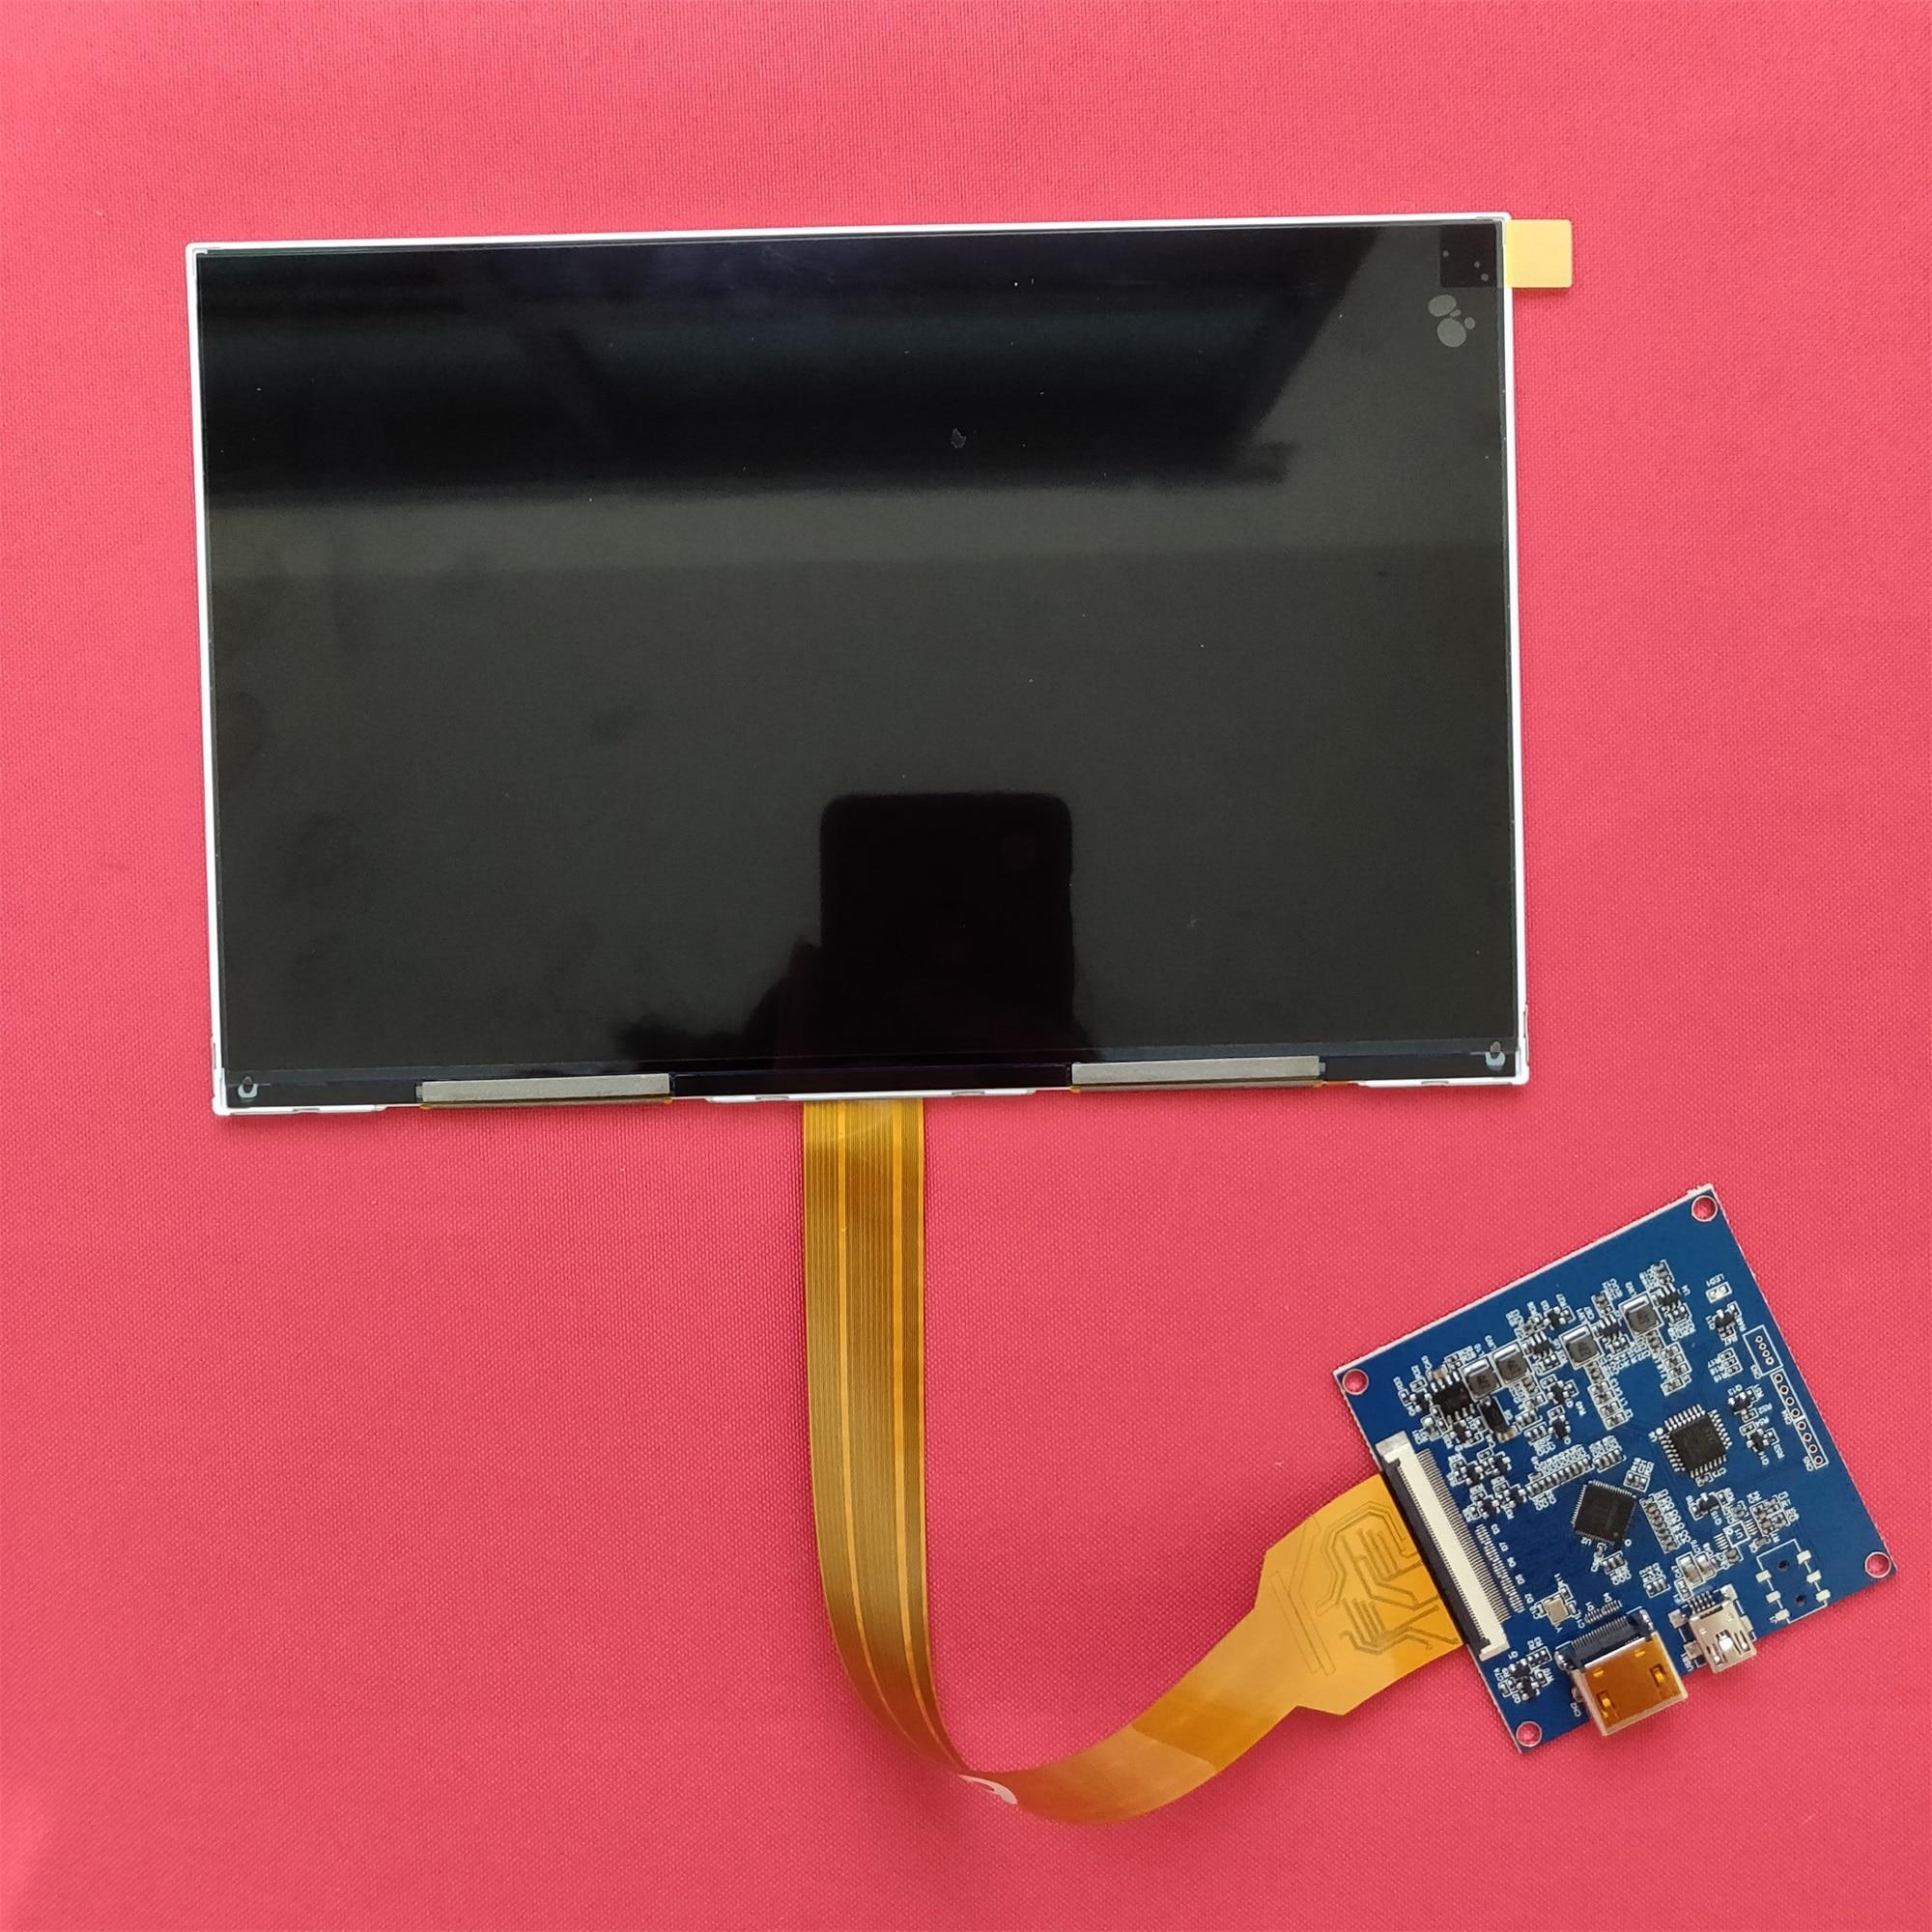 8.9 pouces 2560*1600 2k 1440p IPS lcd moniteur d'affichage avec HDMI-MIPI carte pilote 50hz pour bricolage DLP 3d imprimante Raspberry PI 3 PI 4b - 2